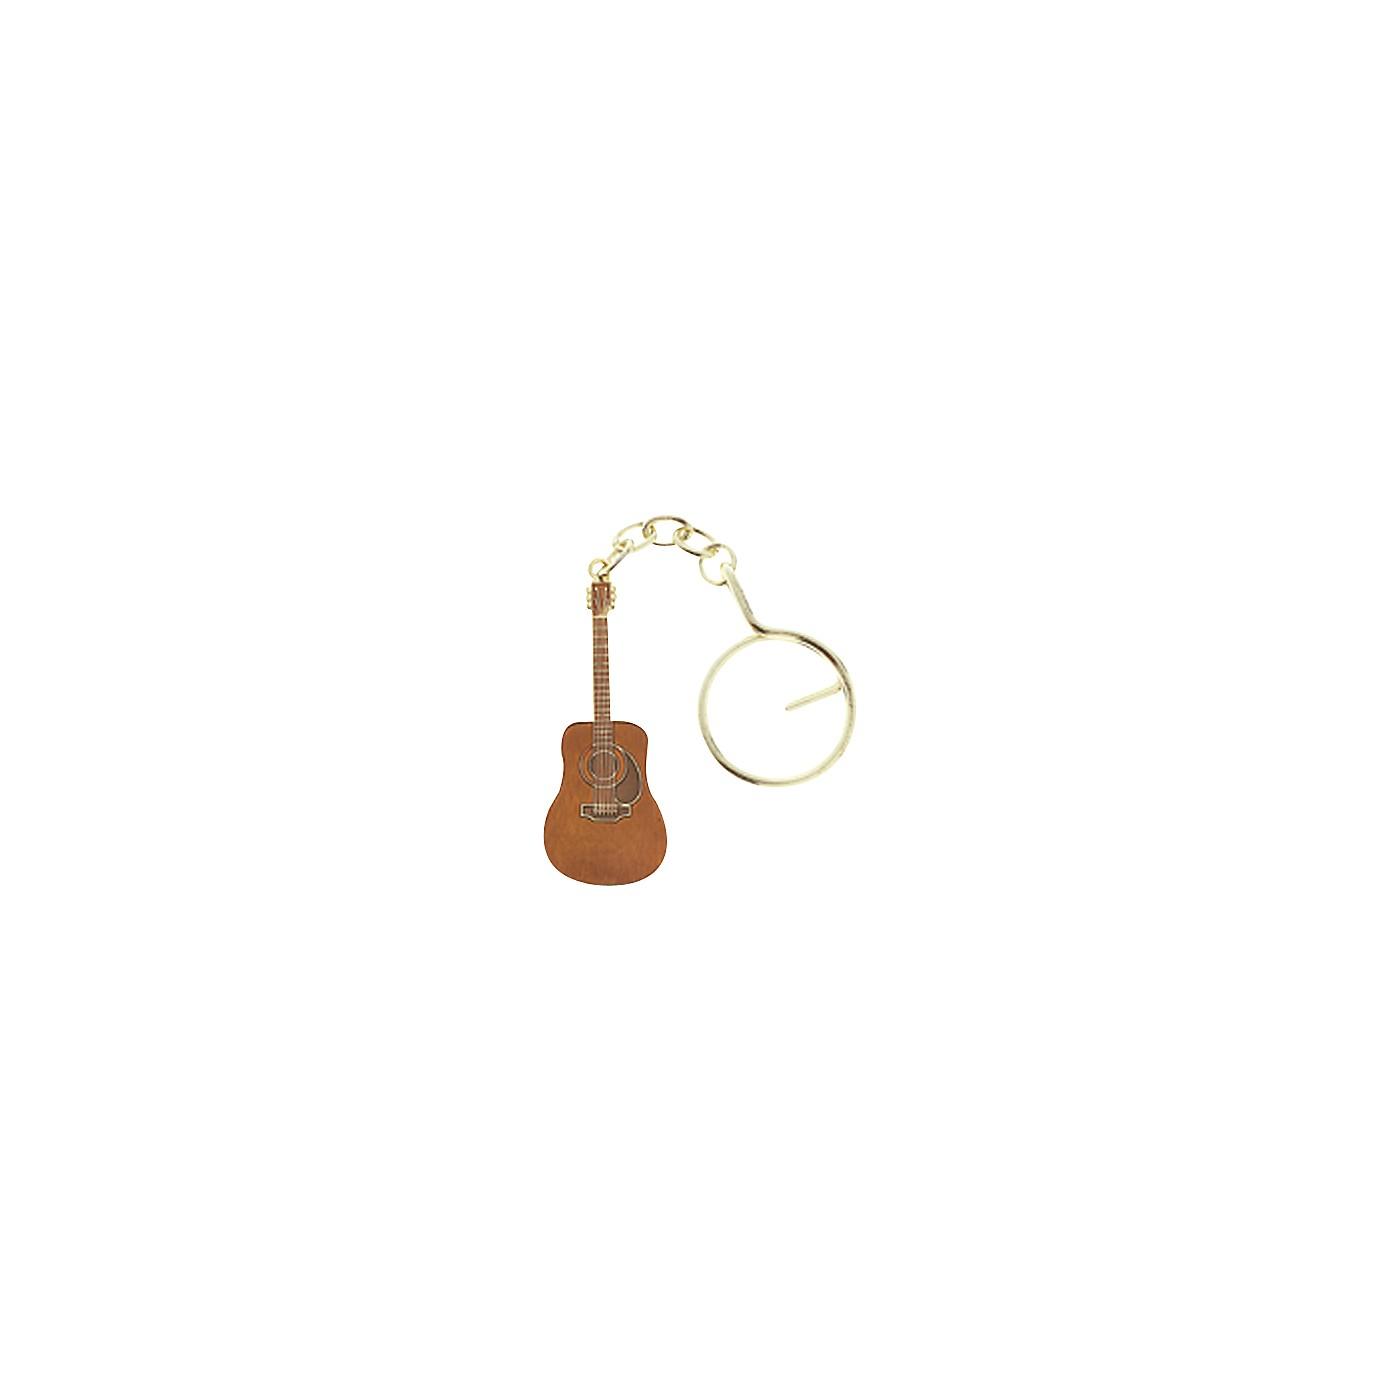 AIM Music Keychain - Martin D-45 thumbnail